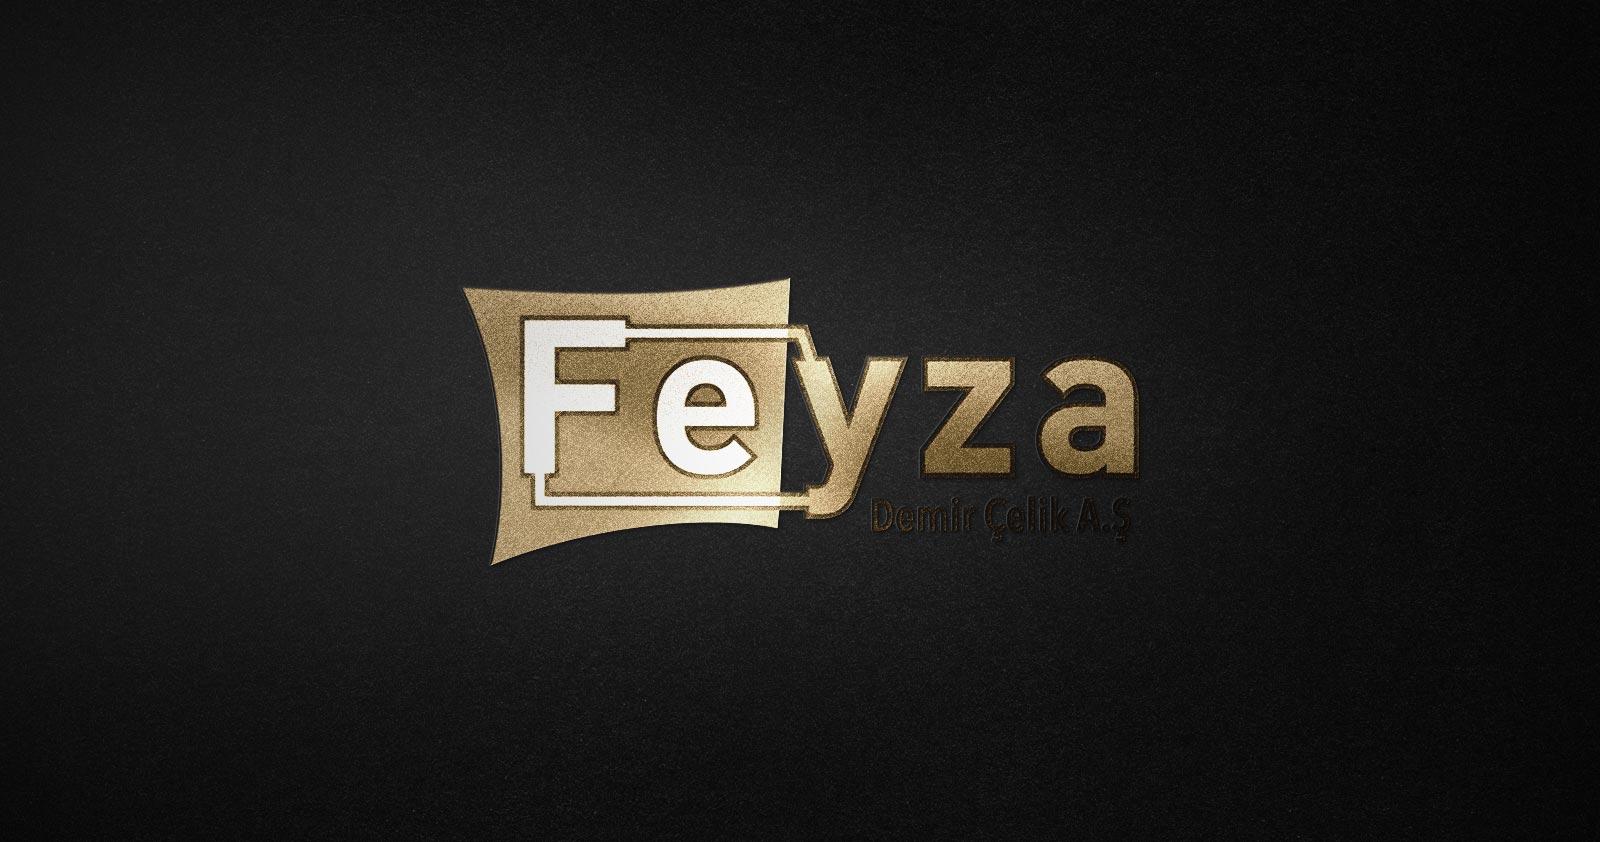 Feyza demir kurumsal kimlik tasarımı 01